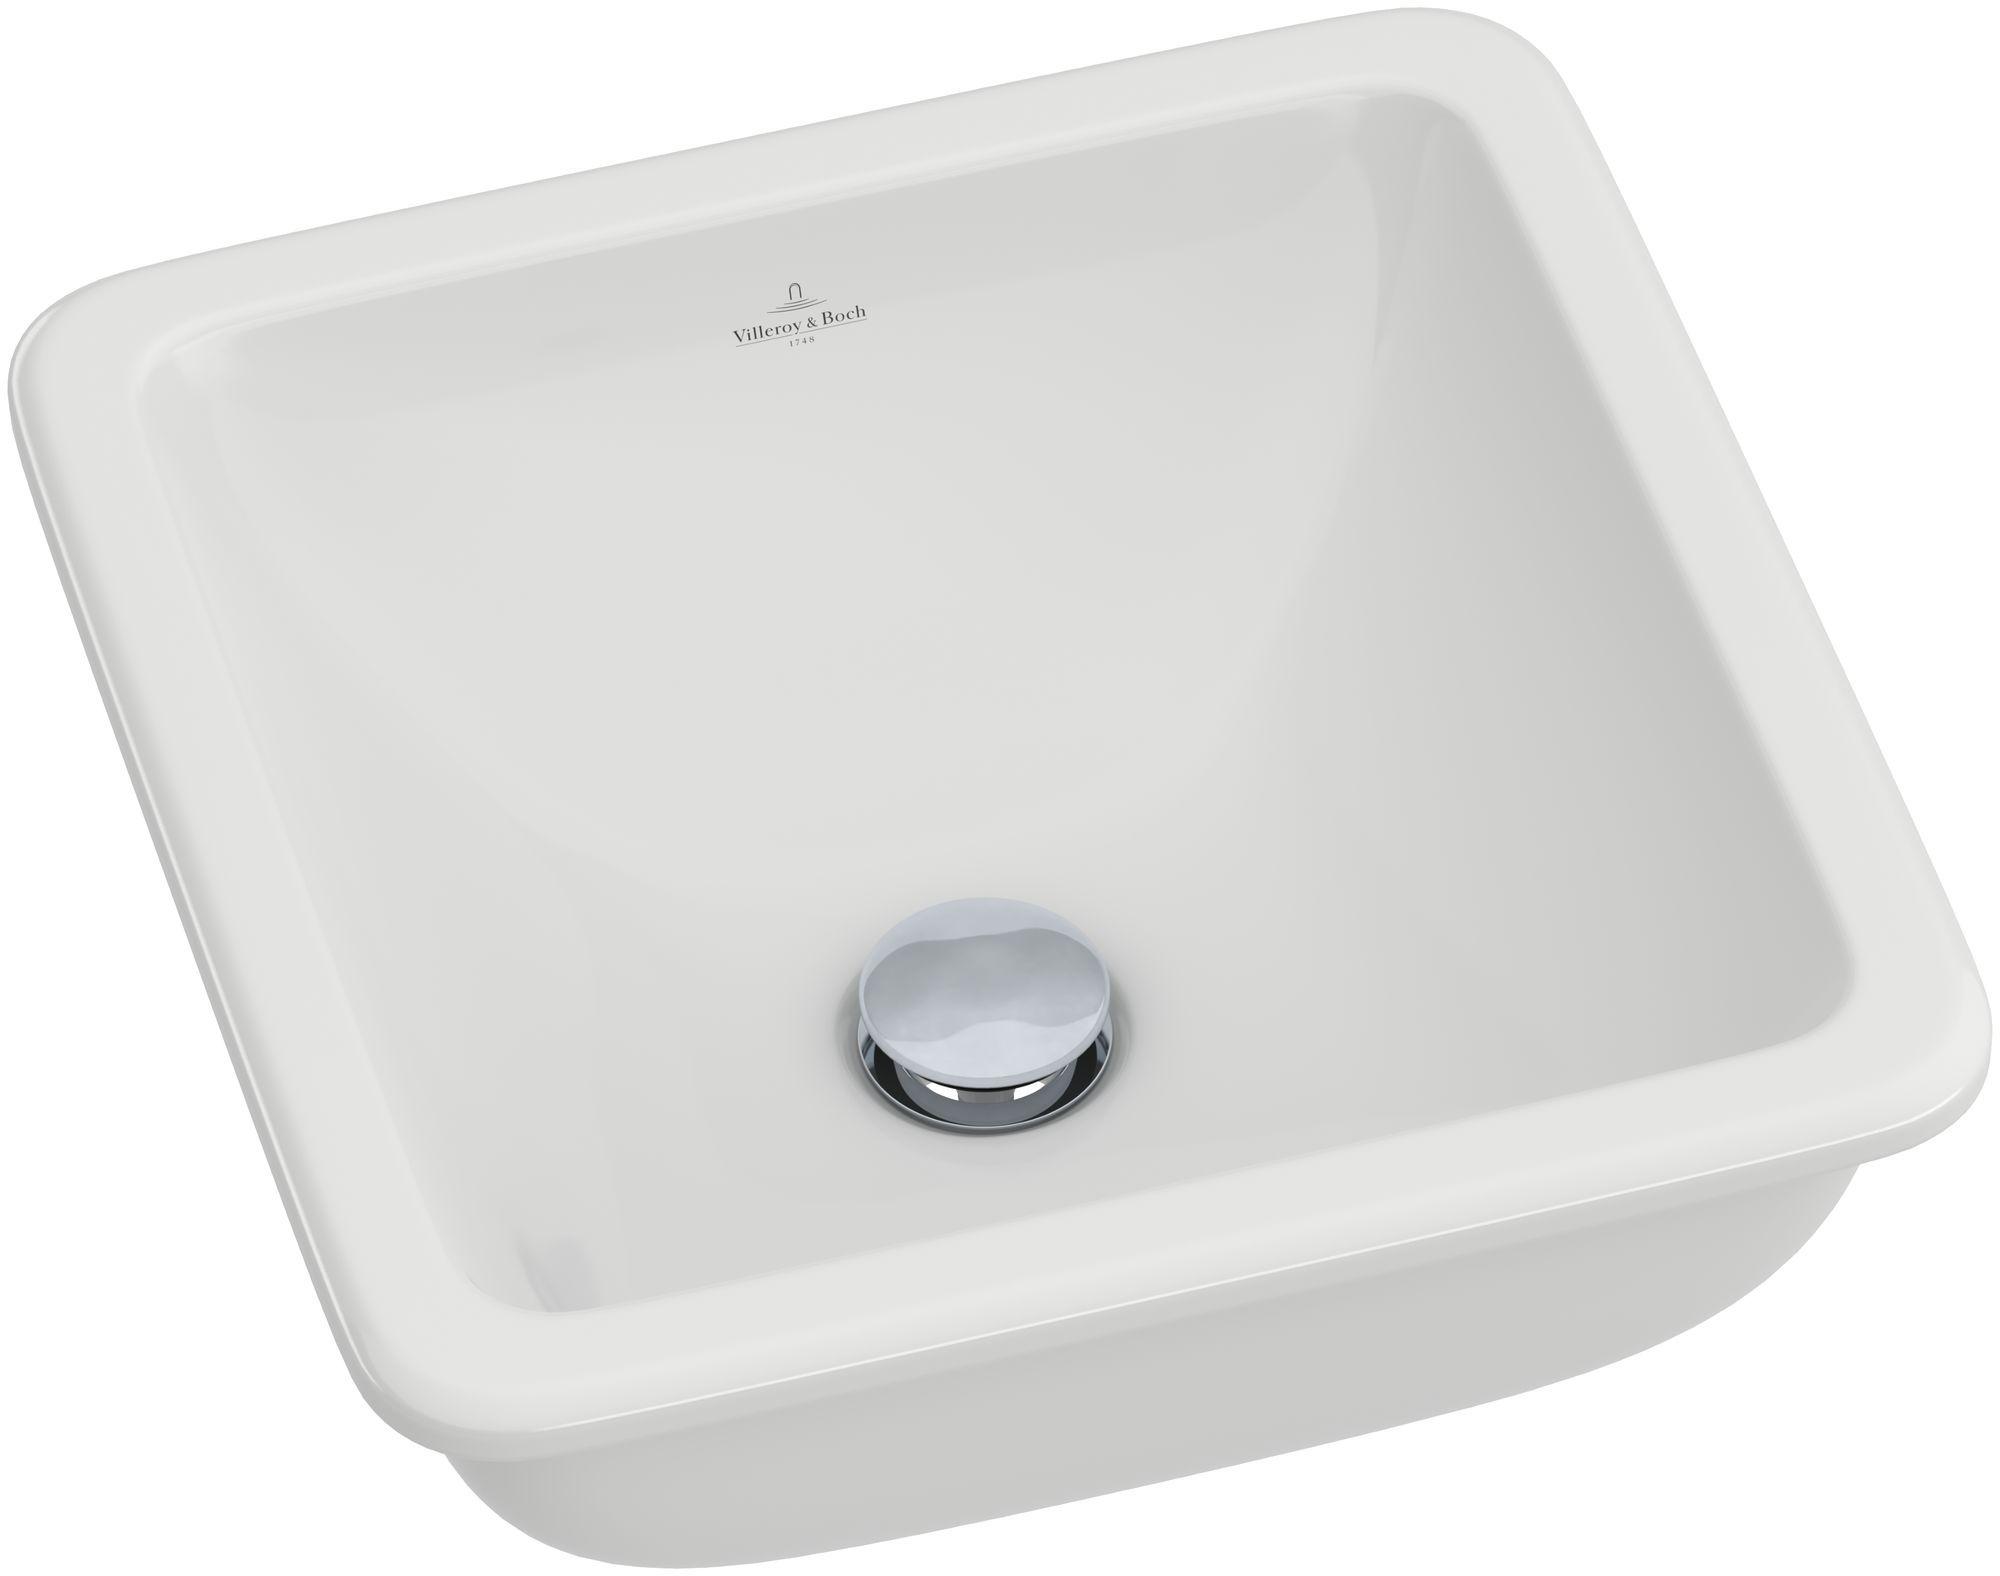 Villeroy & Boch Loop & Friends Einbauwaschtisch B:40,5xT:40,5cm ohne Hahnloch mit Überlauf weiß mit Ceramicplus 615610R1